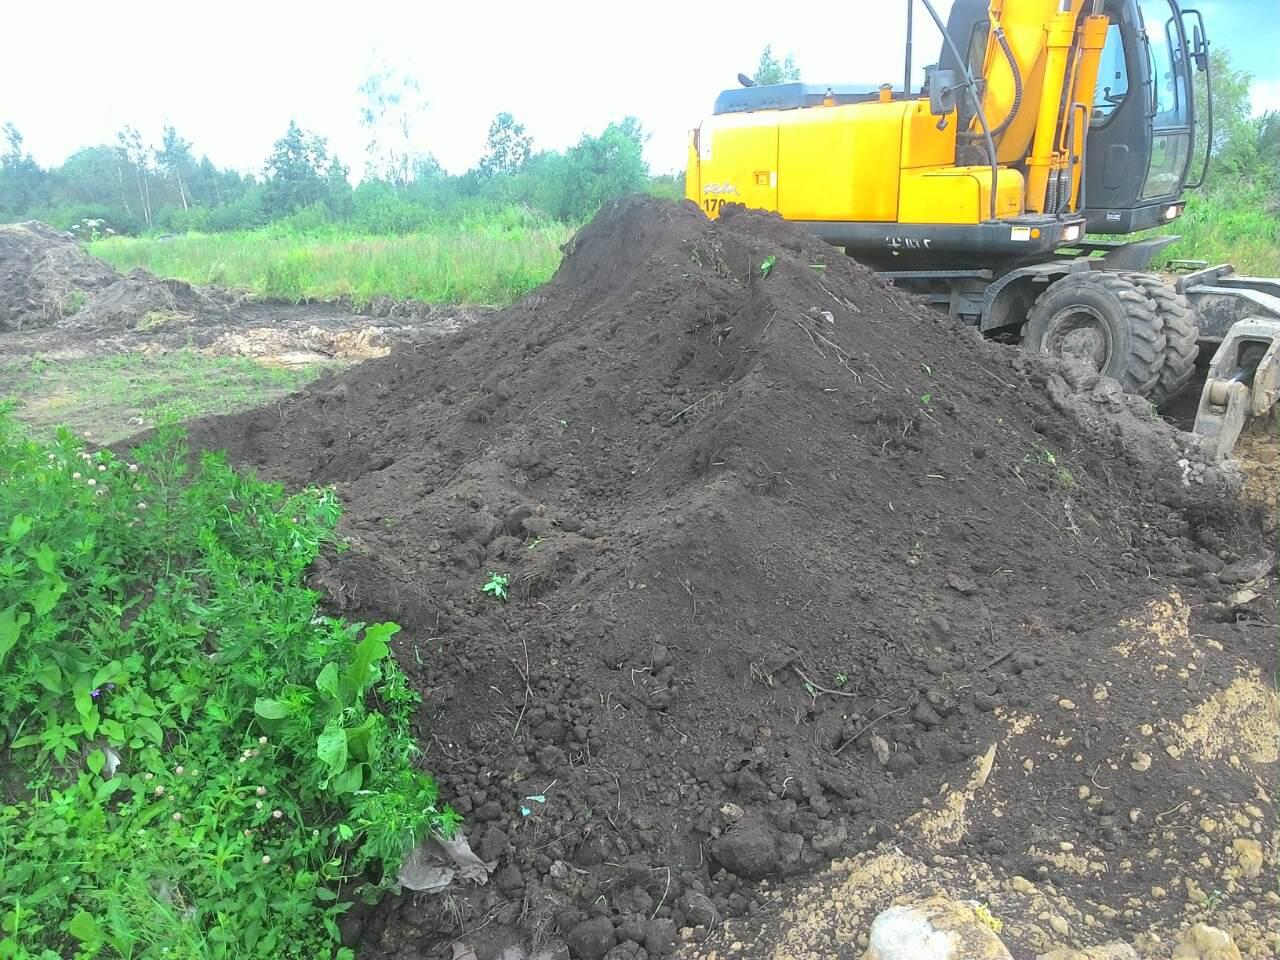 демонстрирует большие вывоз грунта плодородного цена за 1 м3 силой вдавливает резиновый